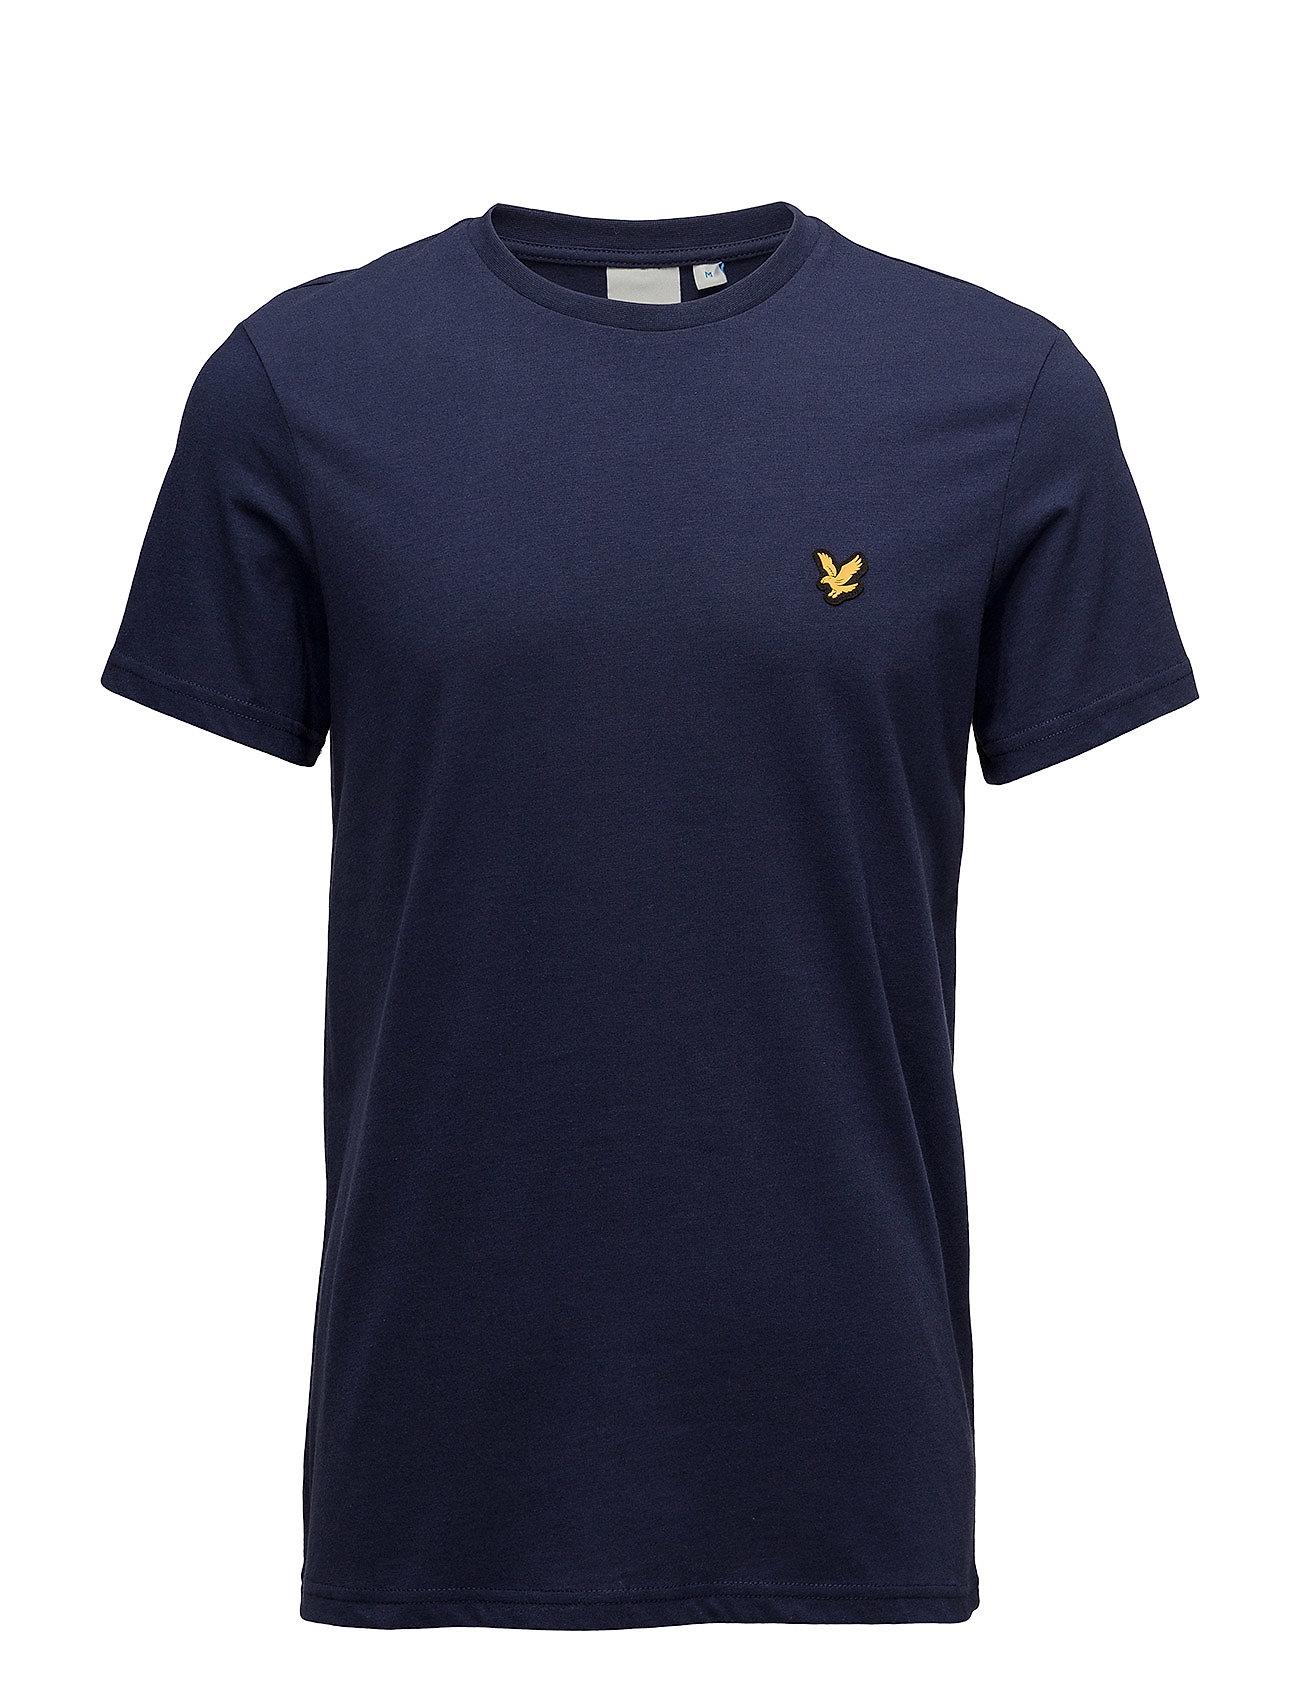 Lyle & Scott Sport Martin SS T-Shirt - NAVY